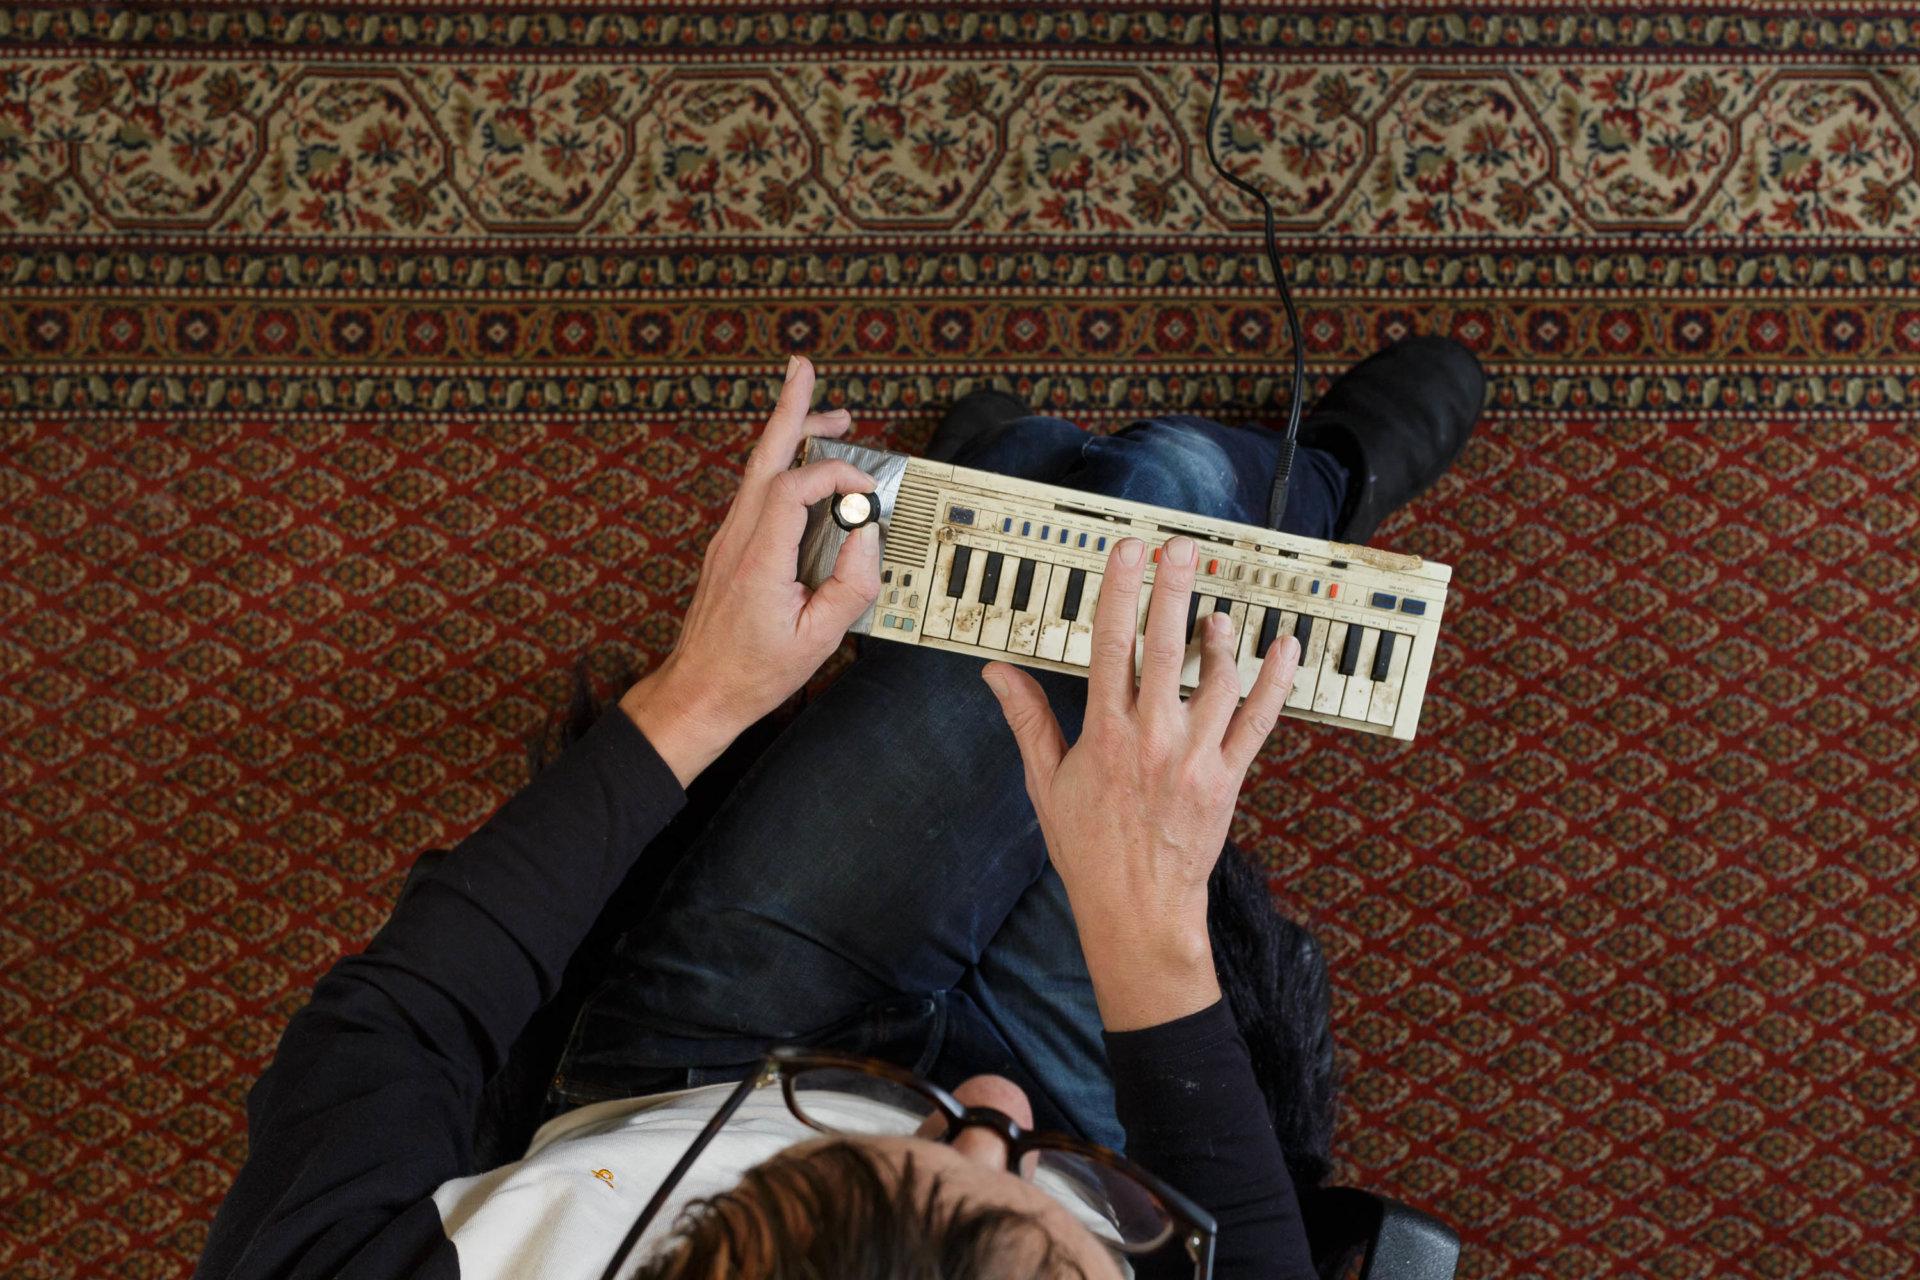 1, DRUCKEN!, Flake Lorenz, Kultur, MASTERBILD, Pianist, Projekt, Rammstein, Serie, arzt, klavier, konzert, meisterfinger, musik, musiker, piano, tasten